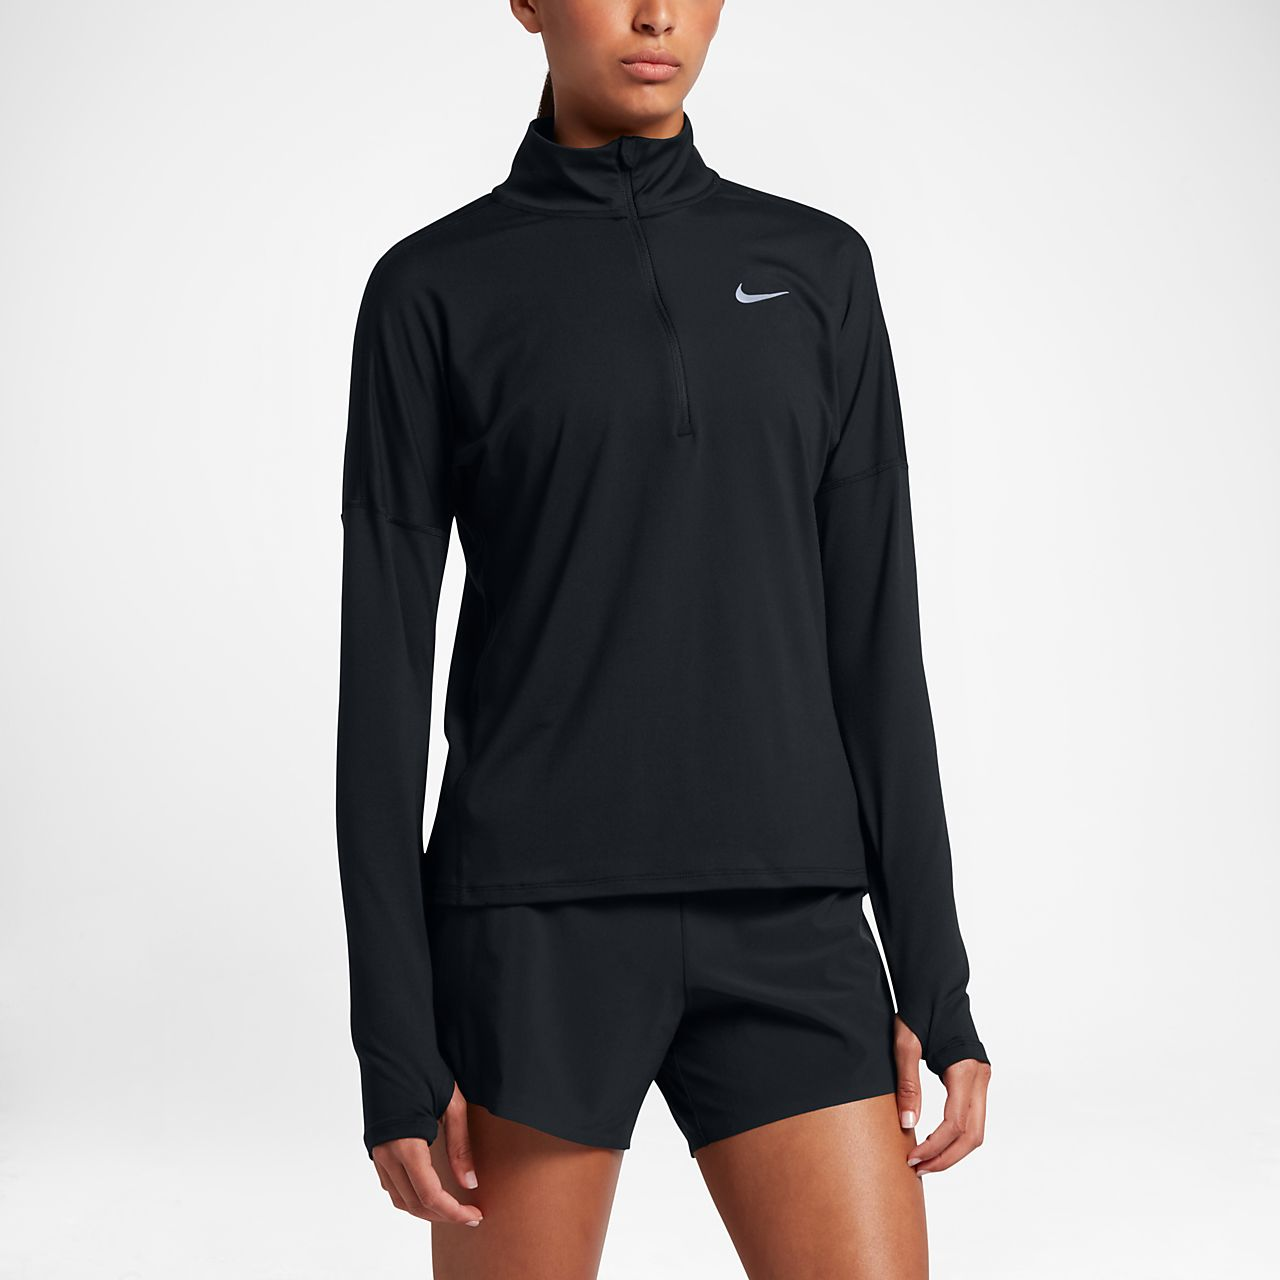 Dámský běžecký top Nike Dri-FIT s dlouhým rukávem a krátkým zipem